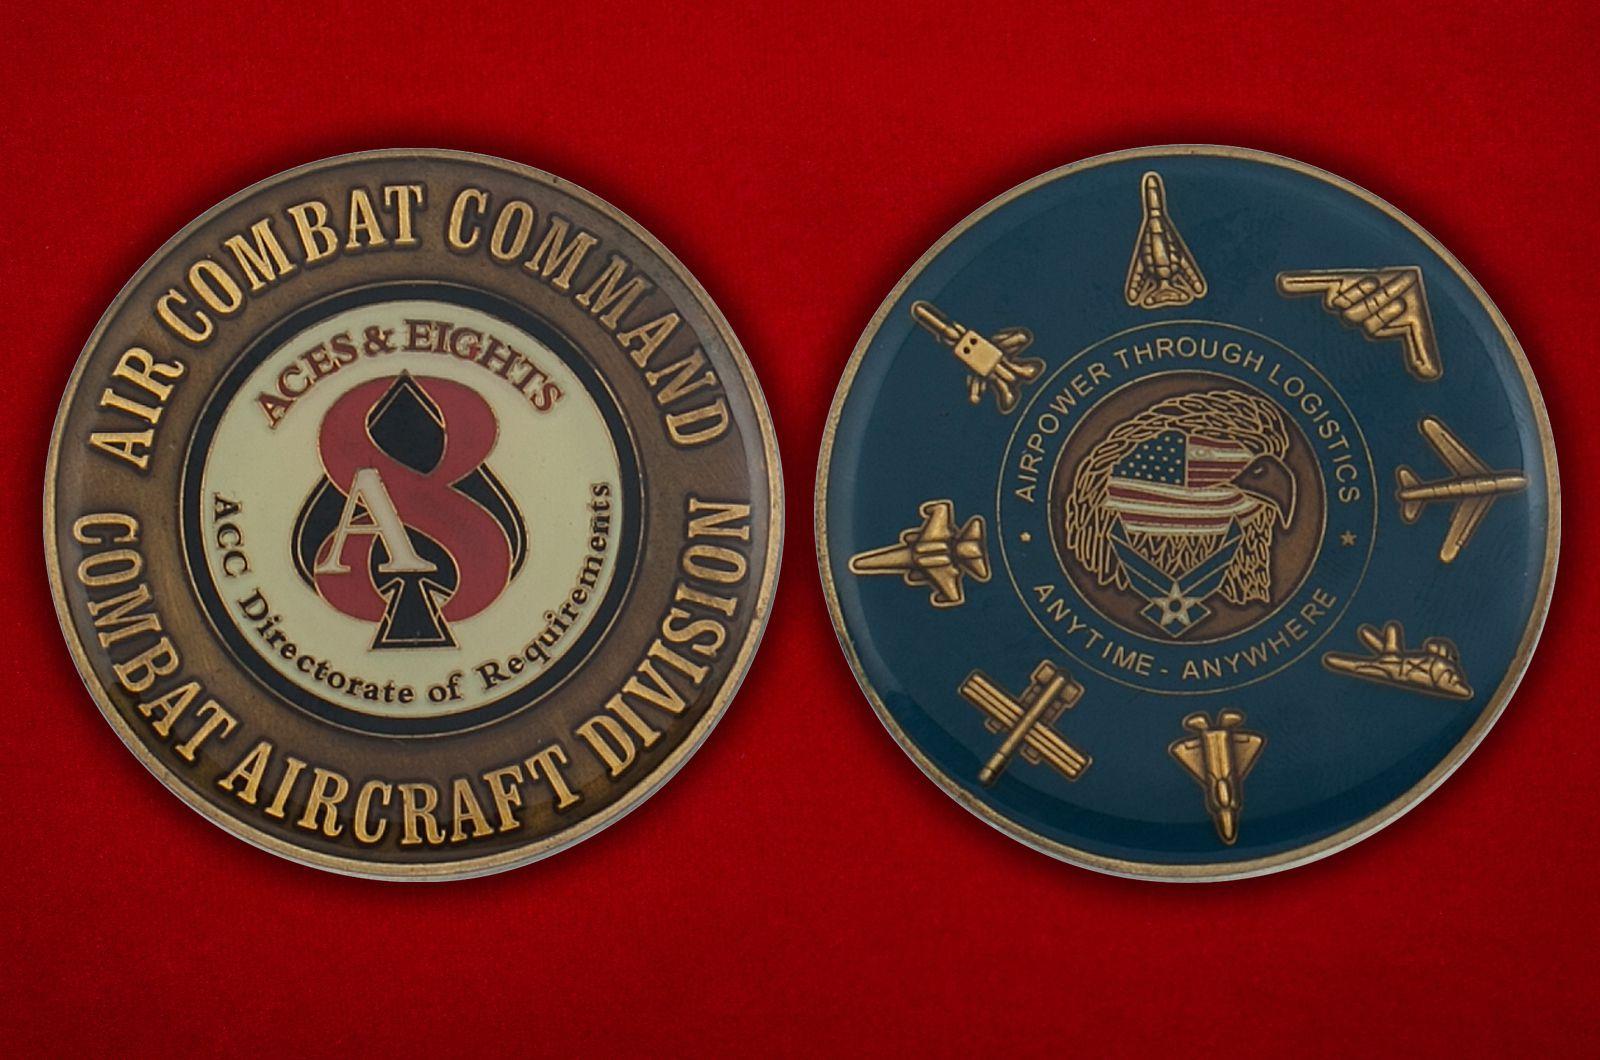 Челлендж коин Управления снабжения Боевого авиационного командования ВВС США - аверс и реверс